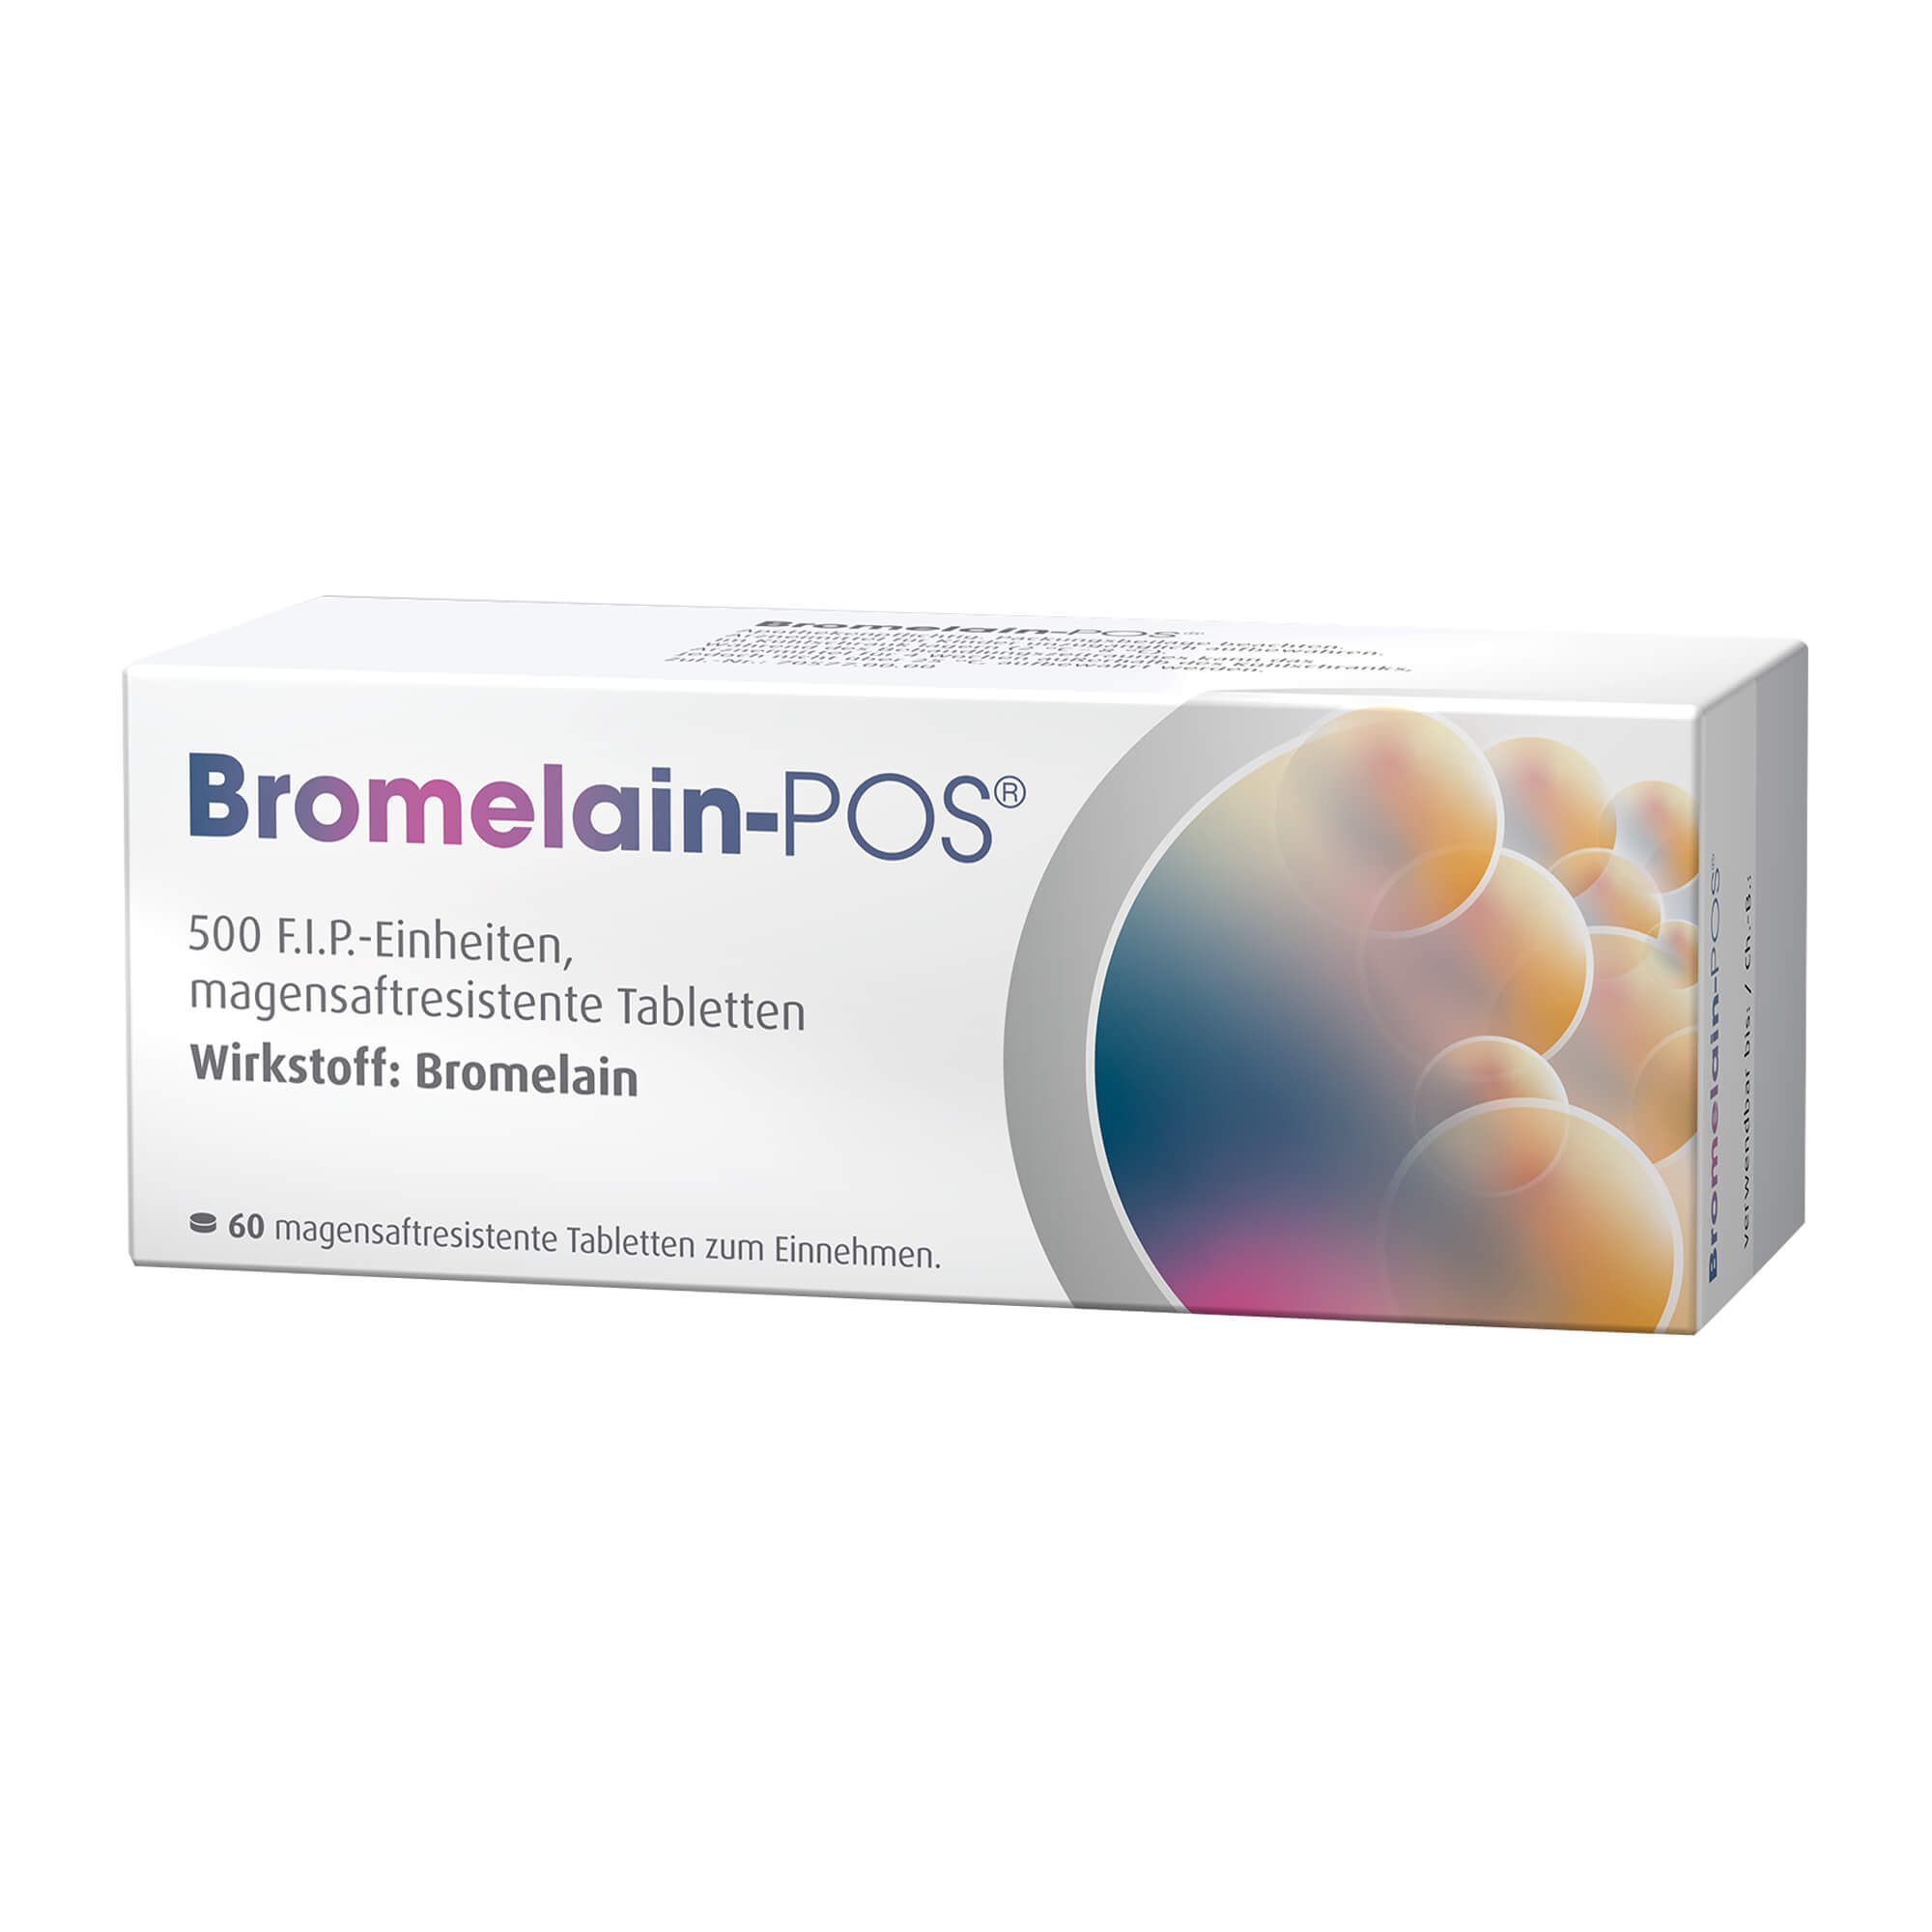 Bromelain-POS 500 F.I.P.-Einheiten